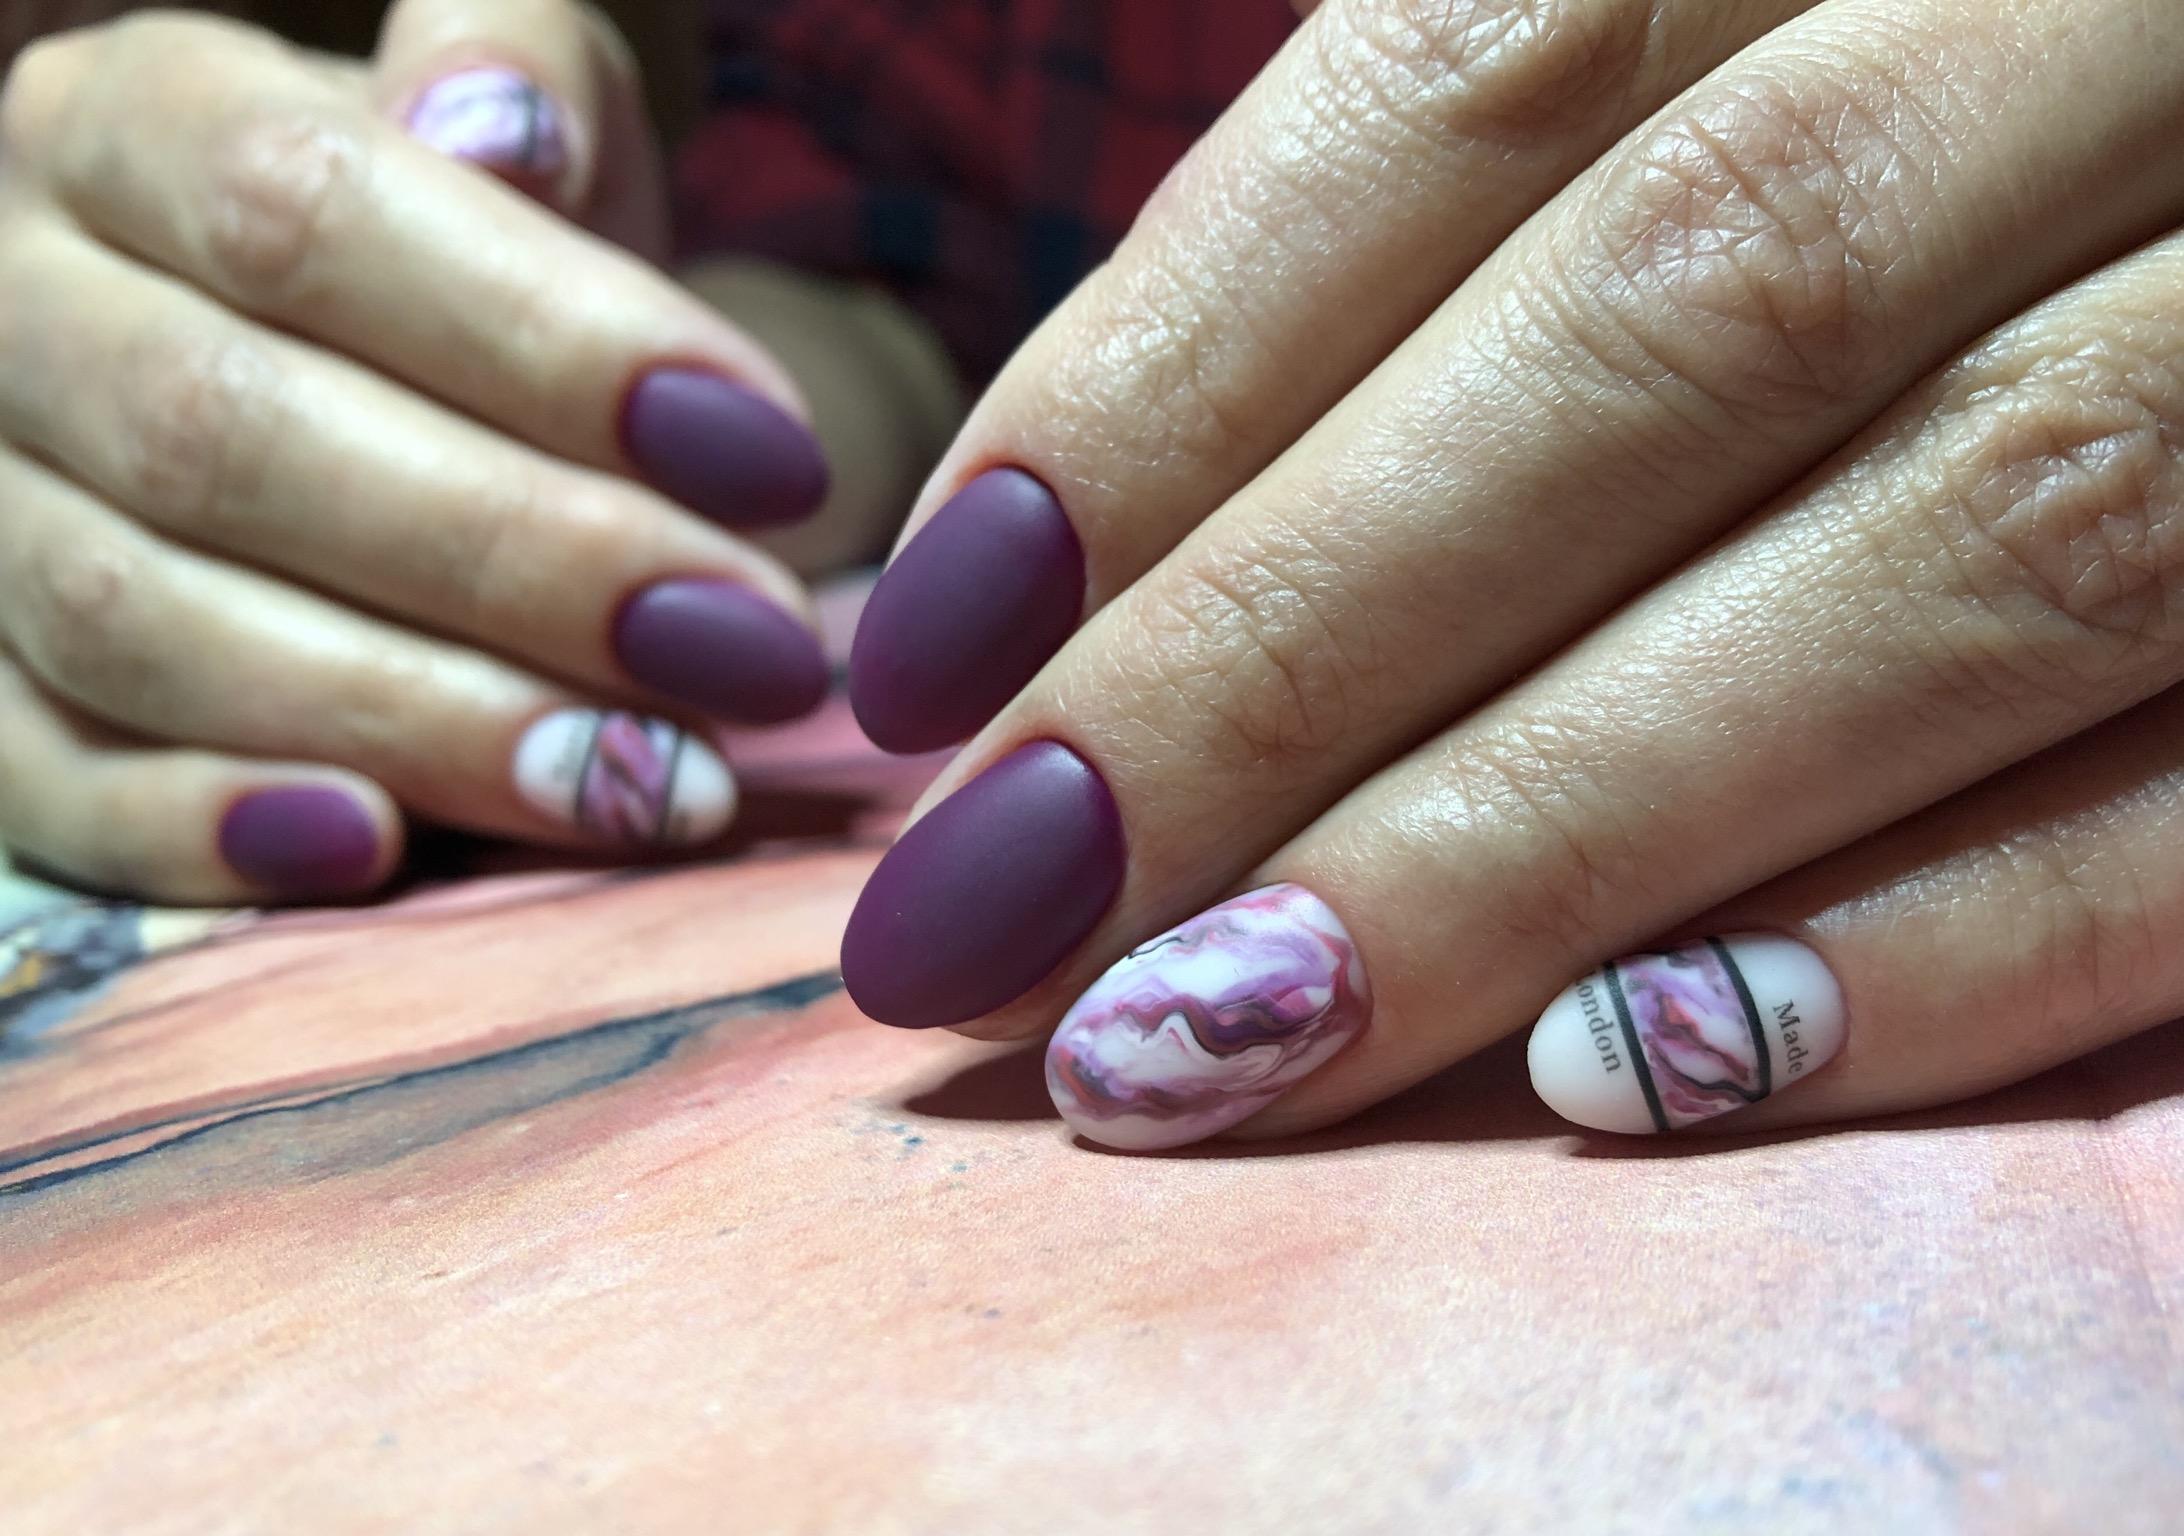 Матовый маникюр с мраморным дизайном в баклажановом цвете на короткие ногти.